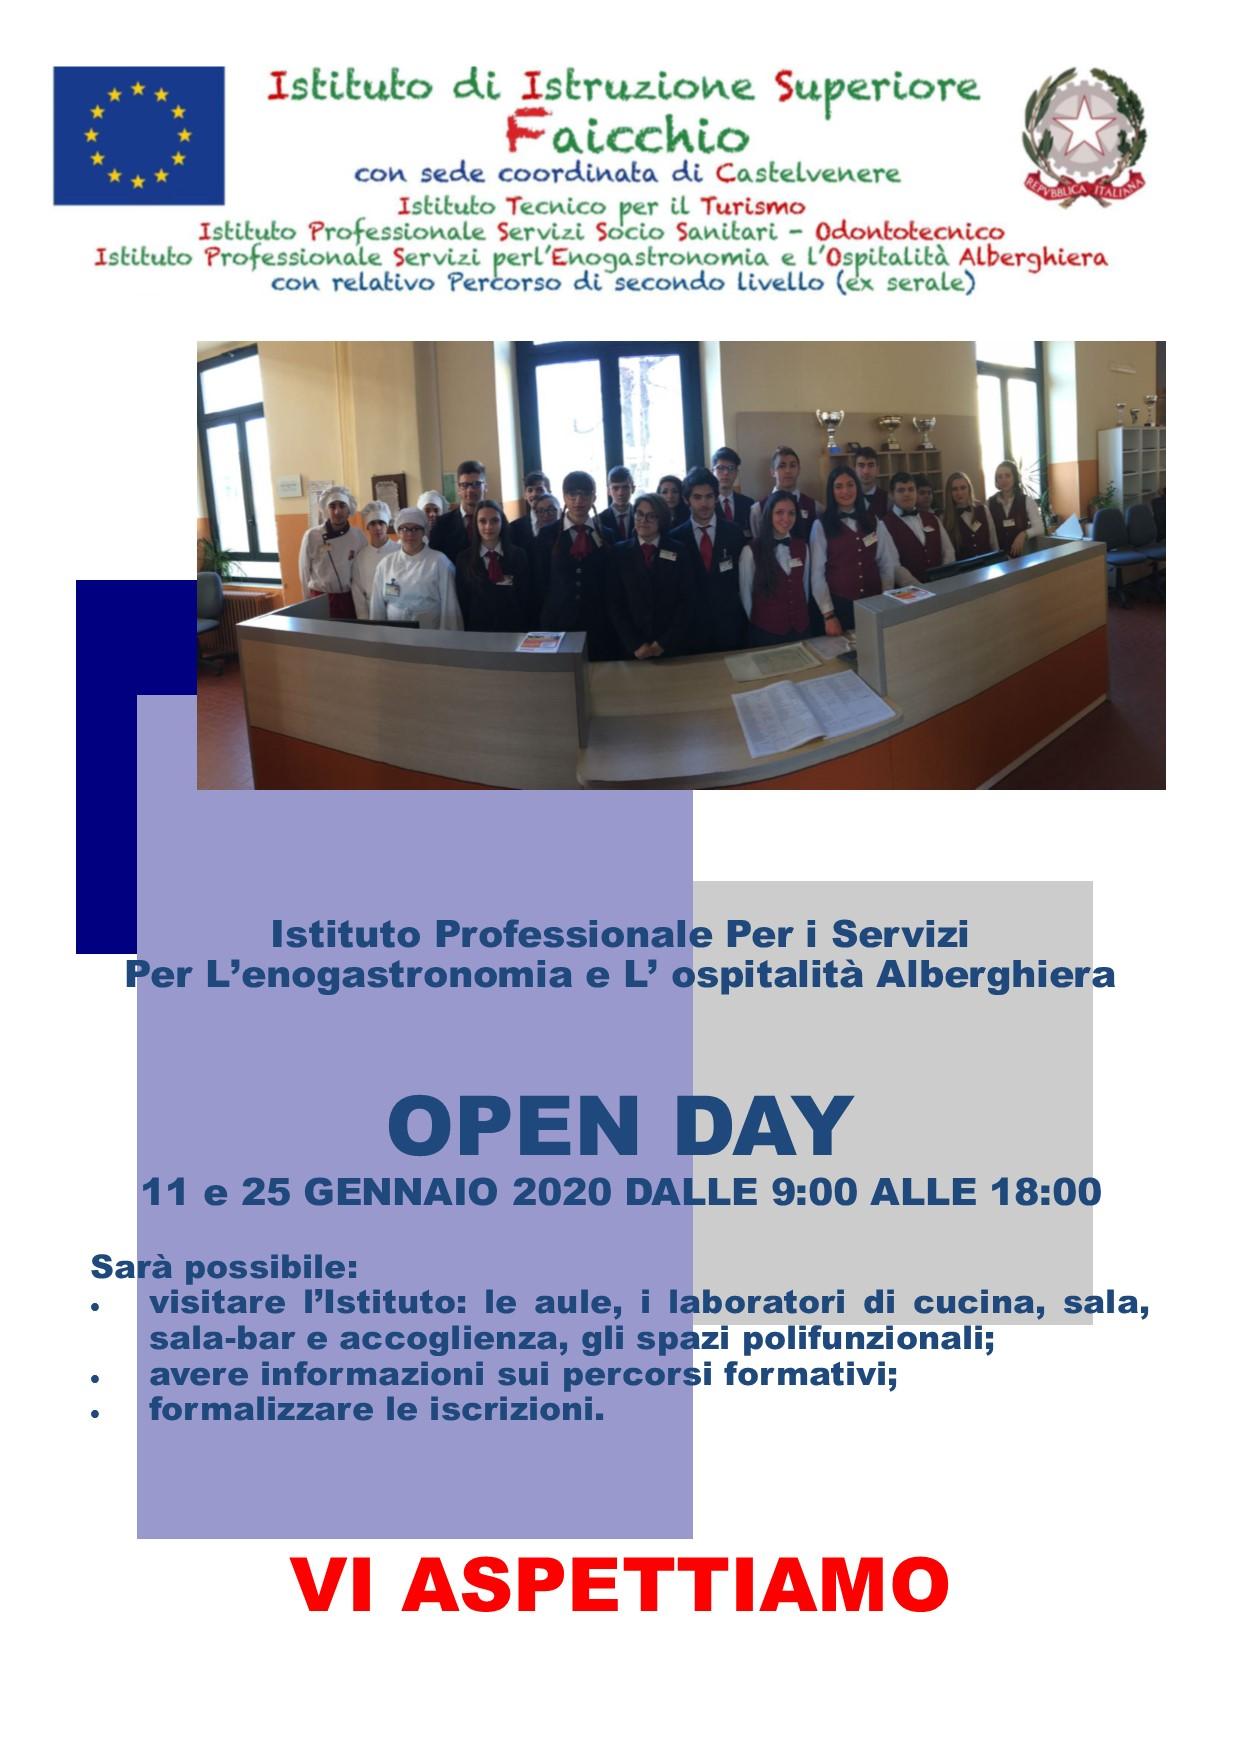 OPEN DAY SABATO 25 GENNAIO  DALLE ORE 09:00 ALLE ORE 18:00